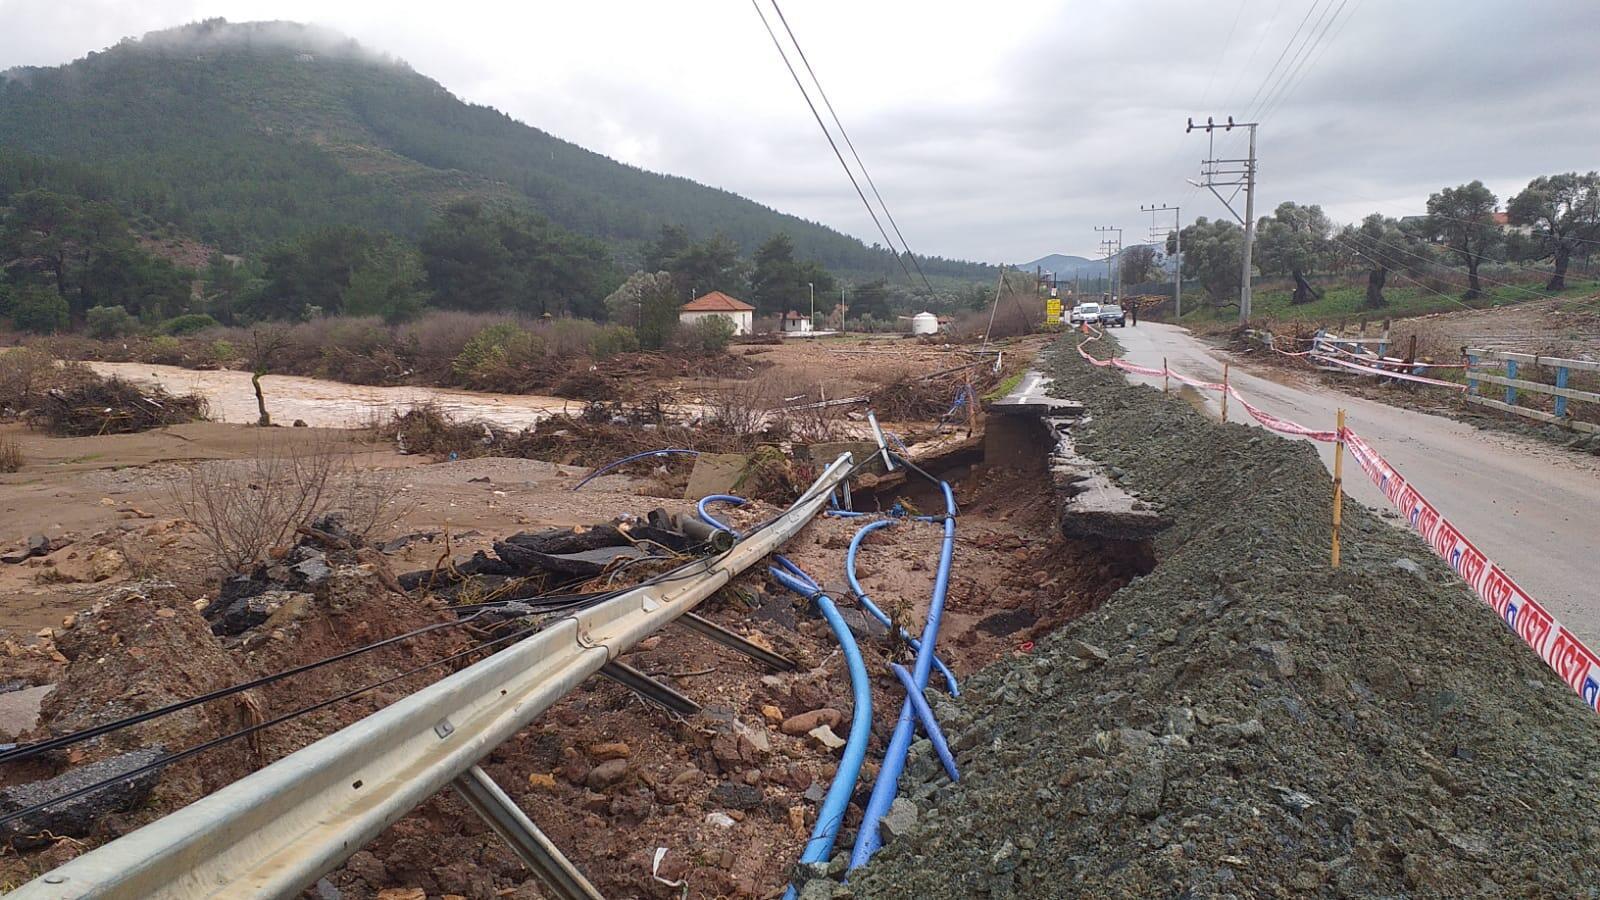 İzmir'deki sağanak nedeniyle bazı araçlar toprak altında kaldı